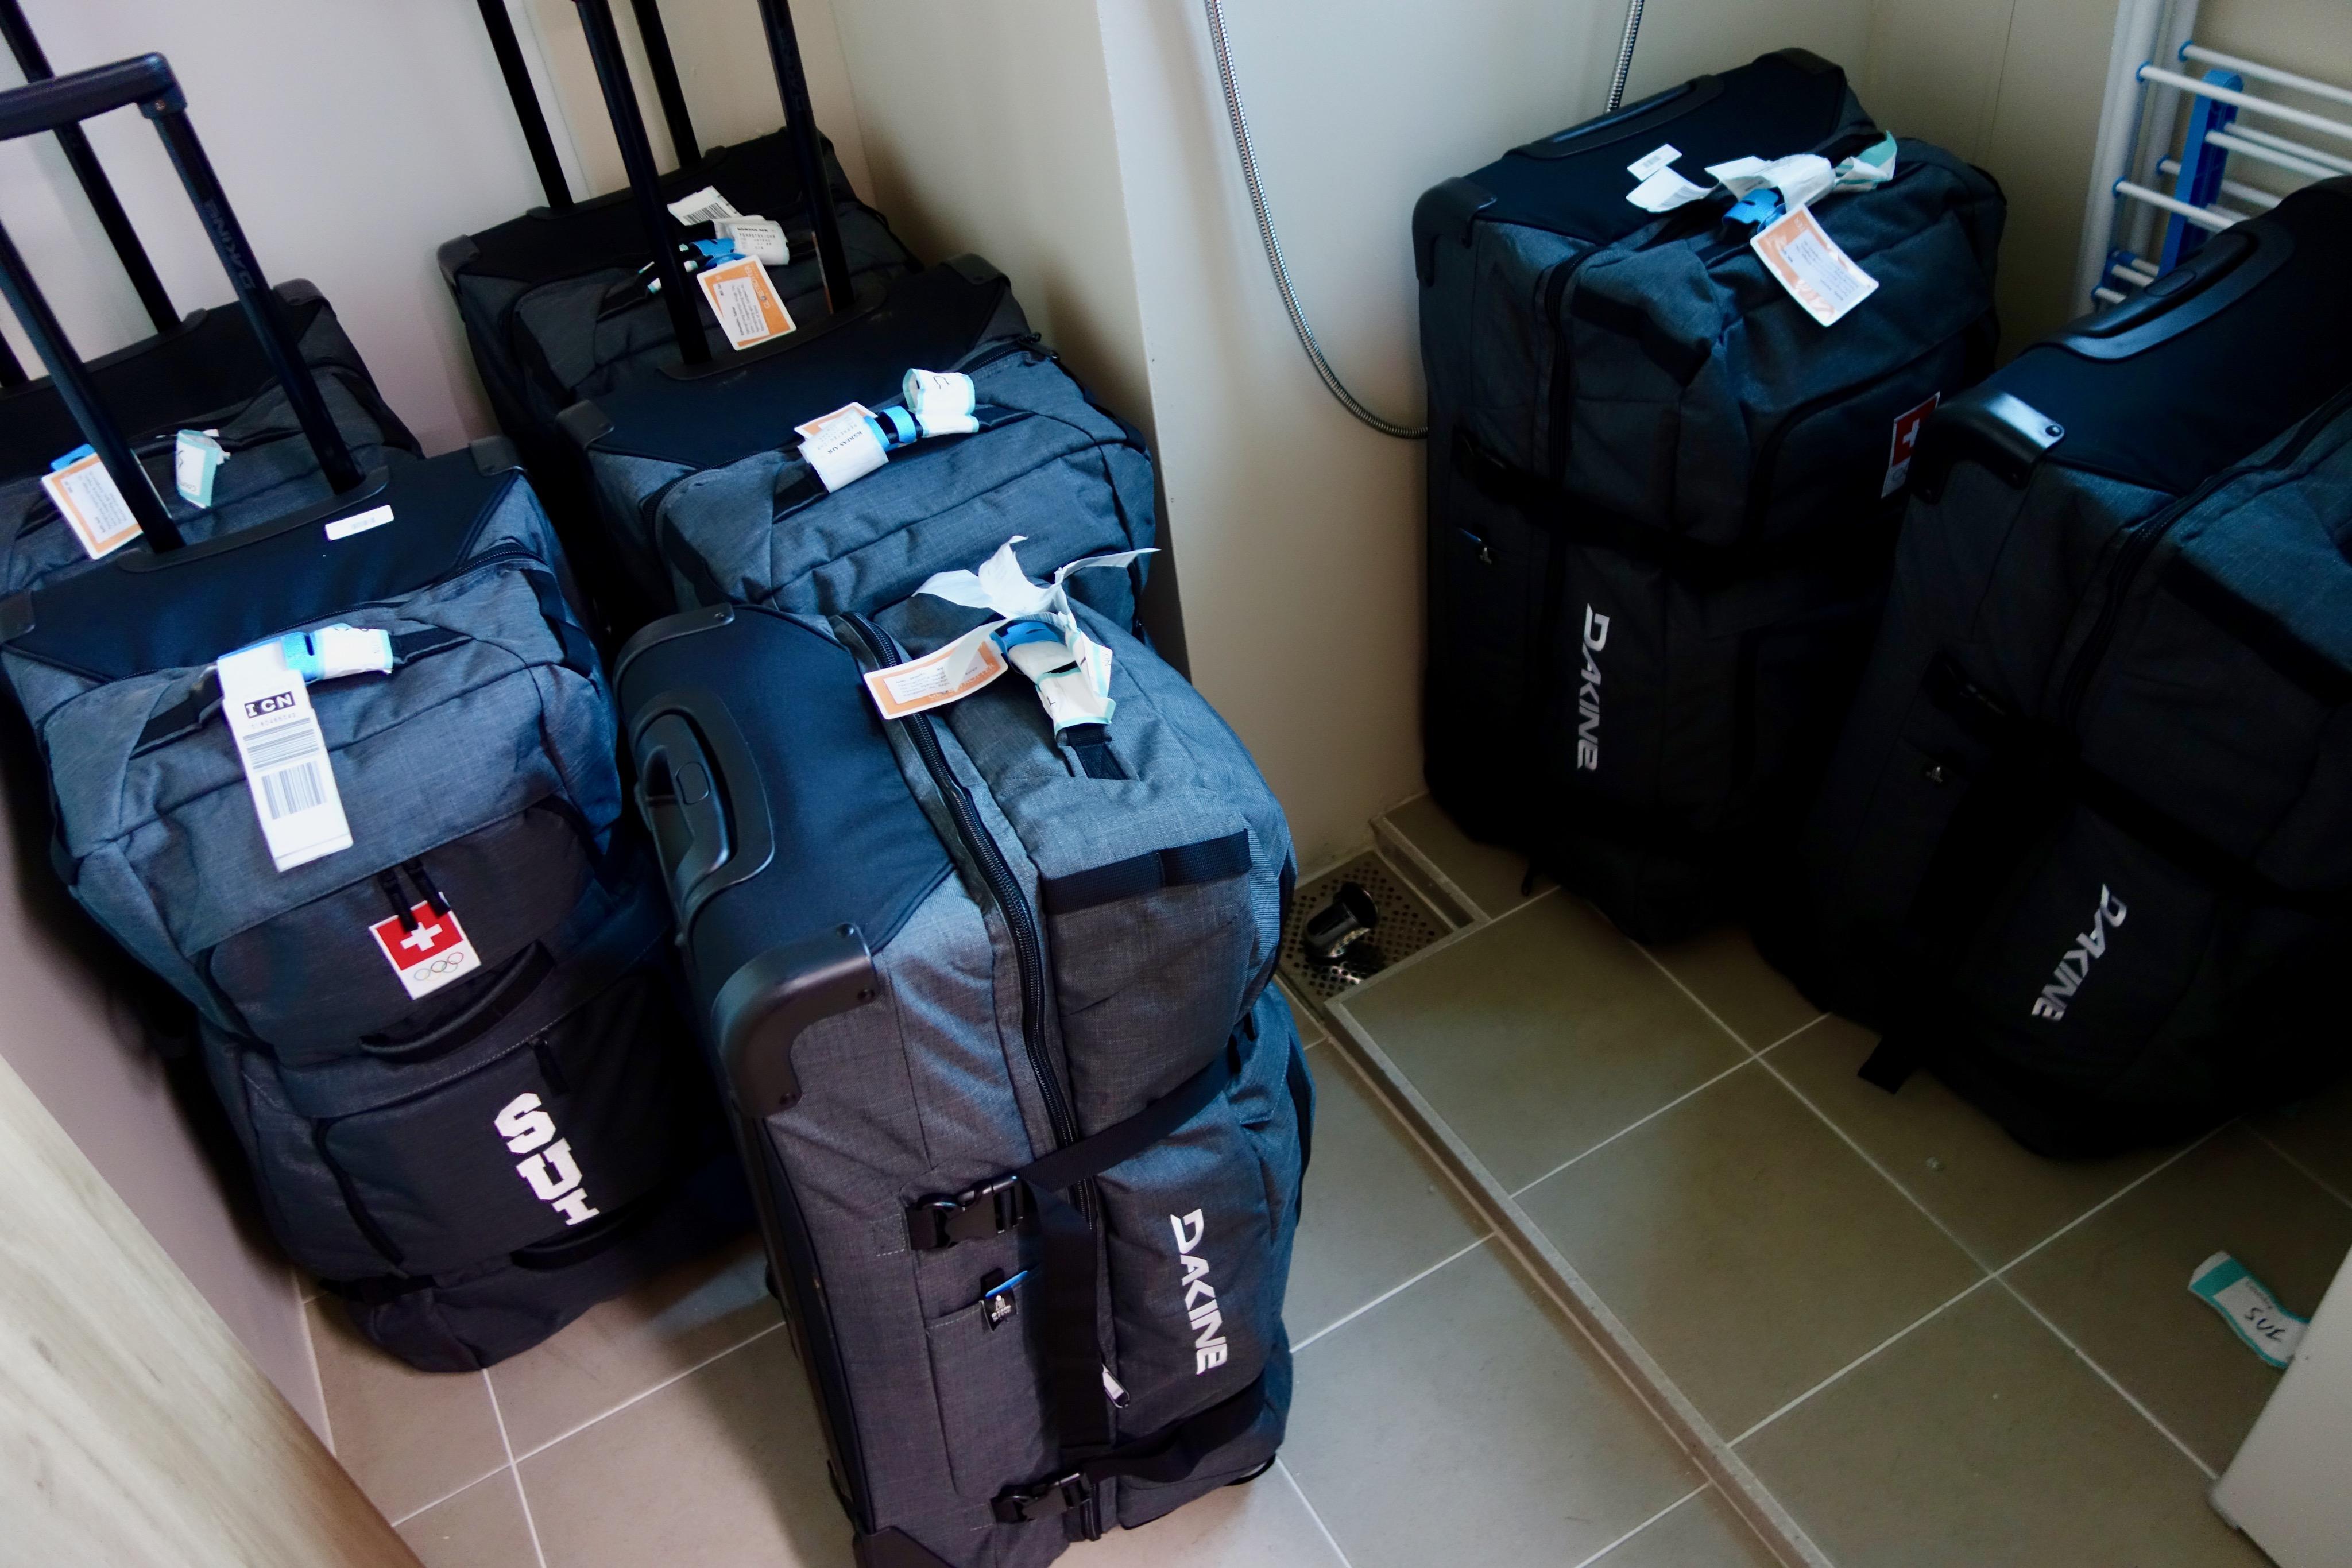 Les bagages attendent leurs propriétaires.